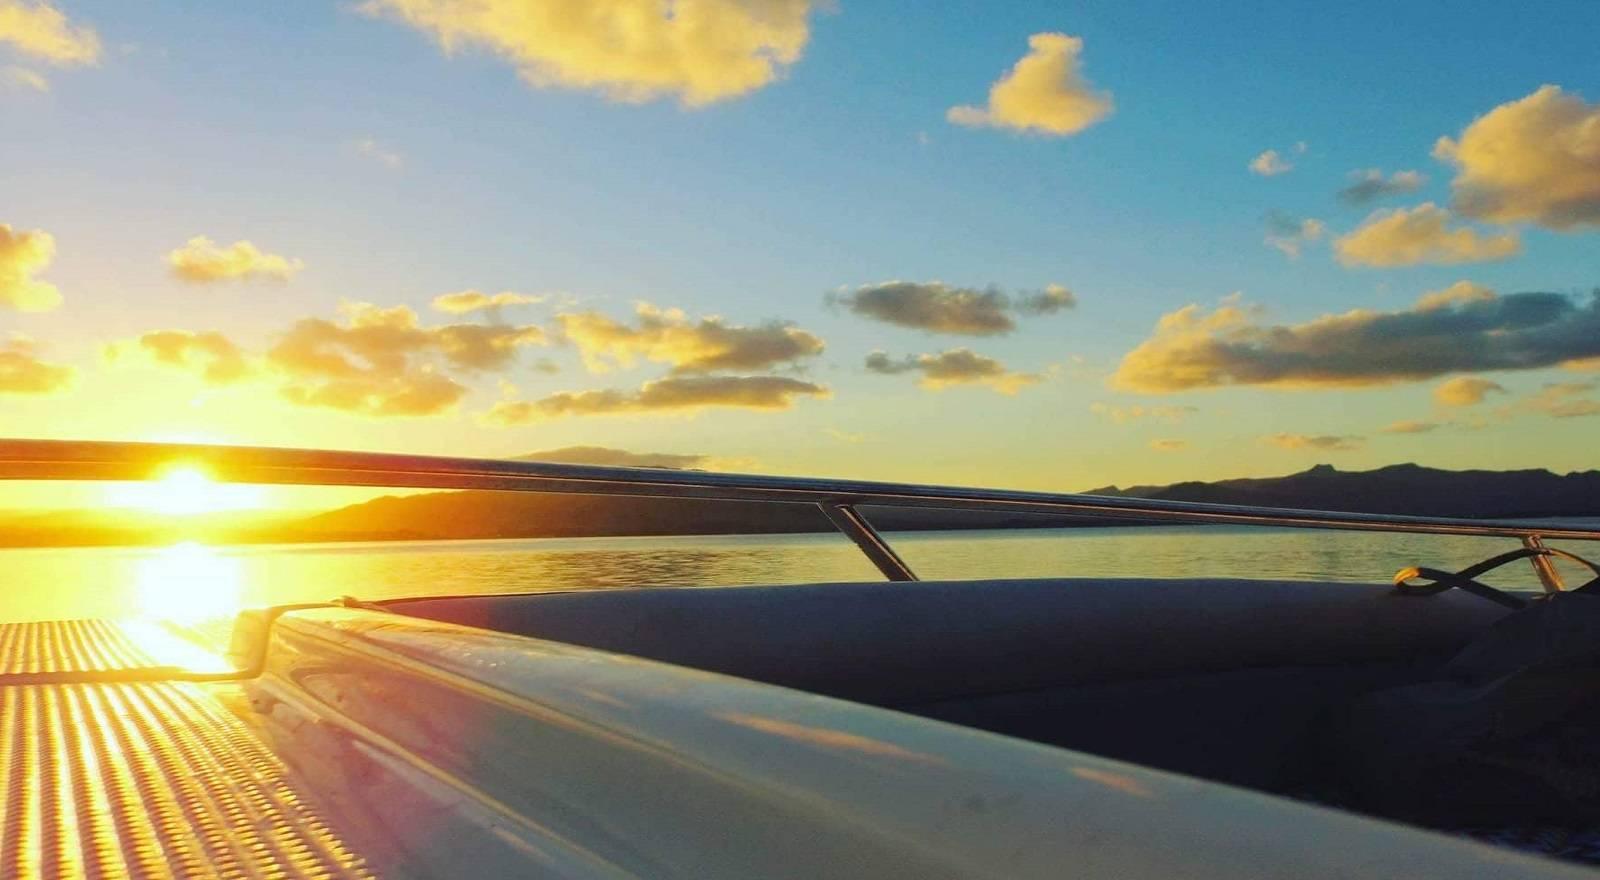 Exklusive Schnellbootfahrt mit Sonnenuntergang im Süden